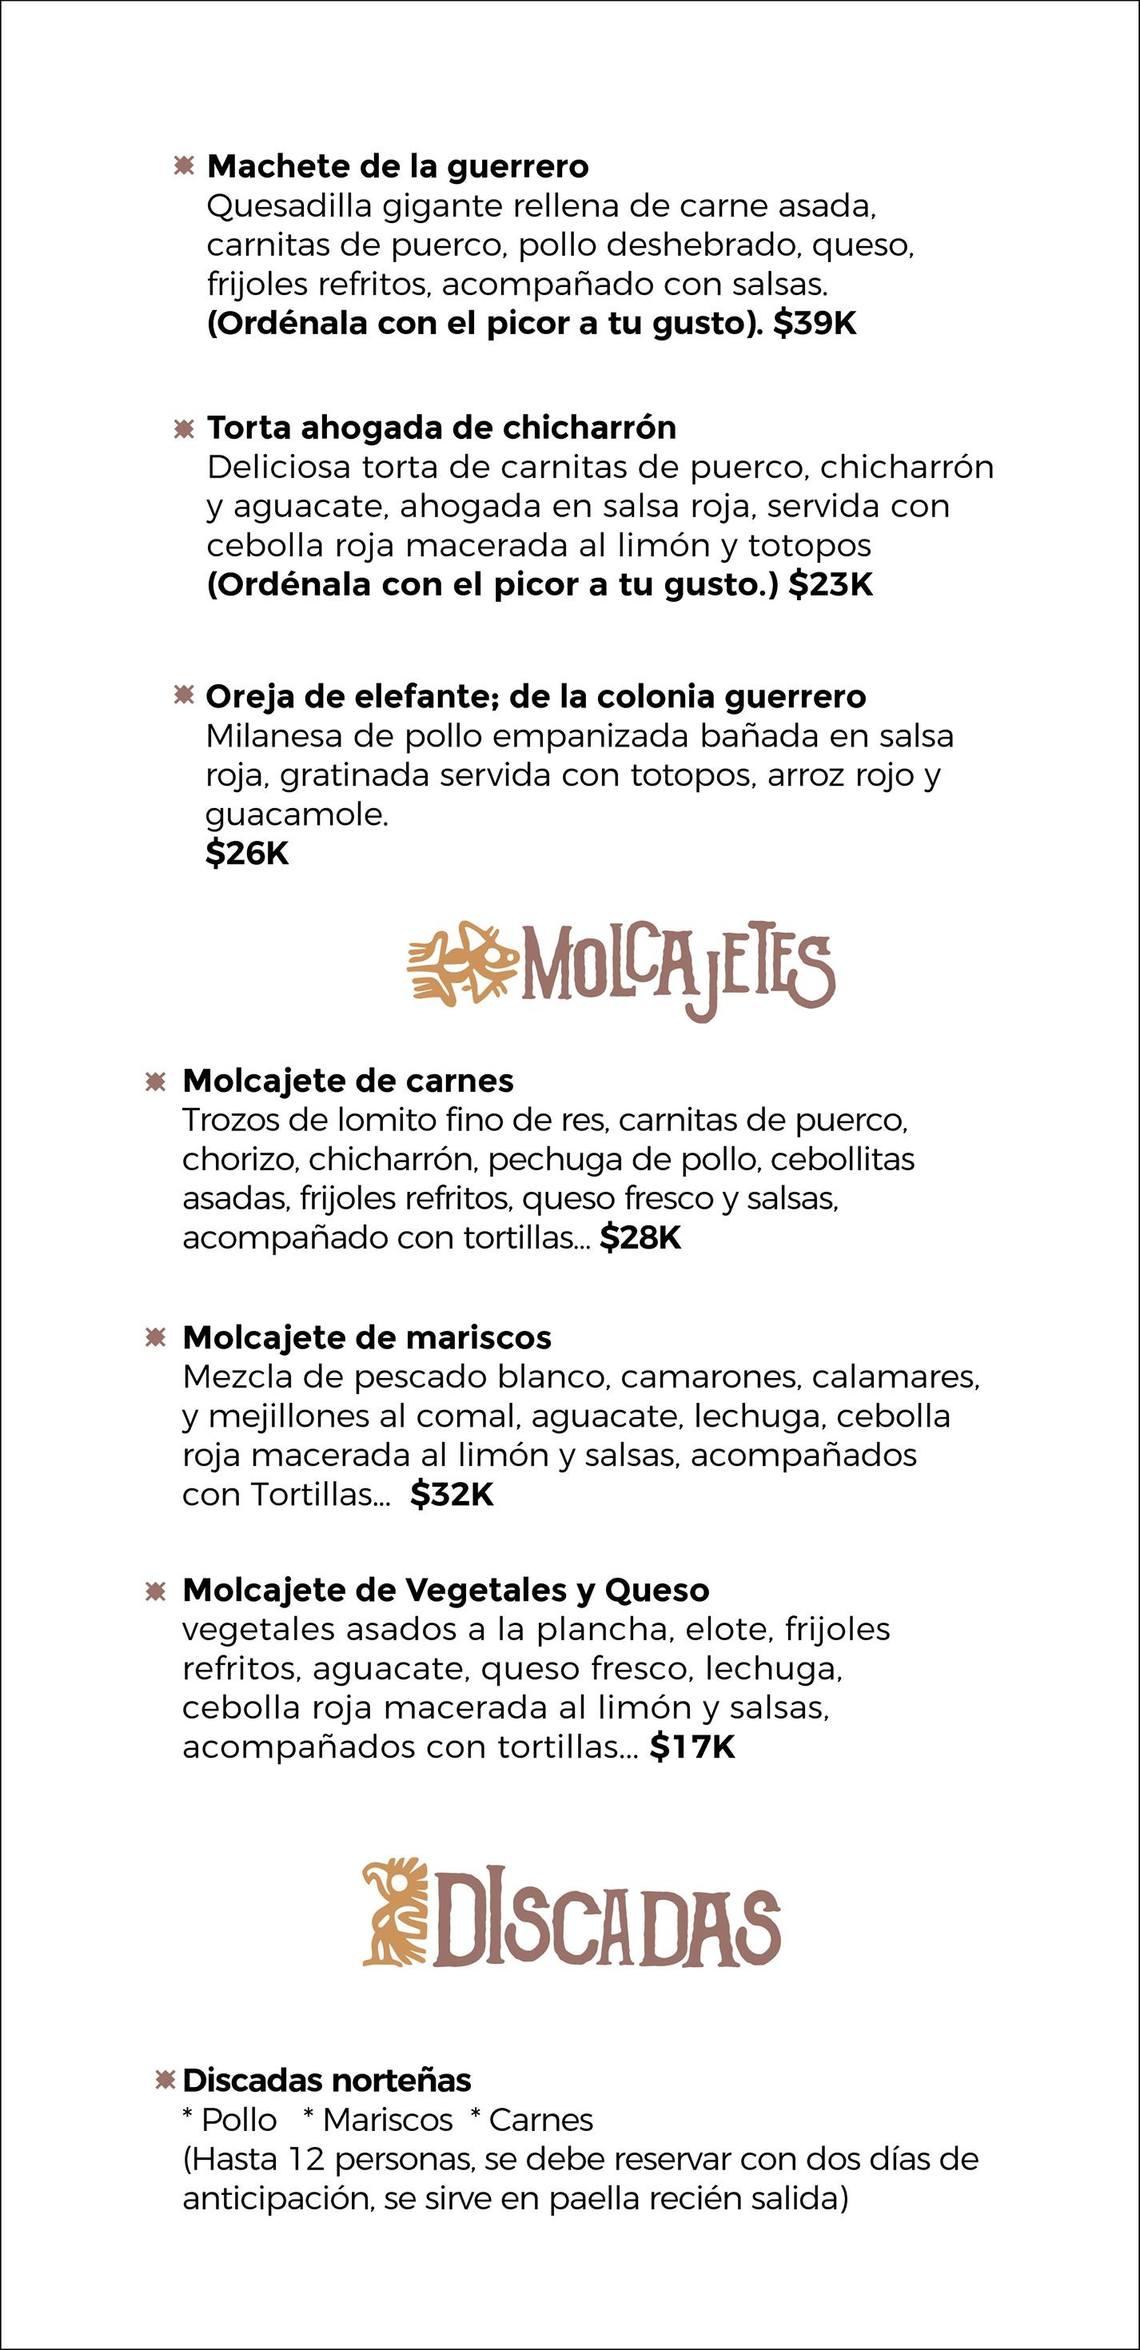 Cholula cocina Mexicana